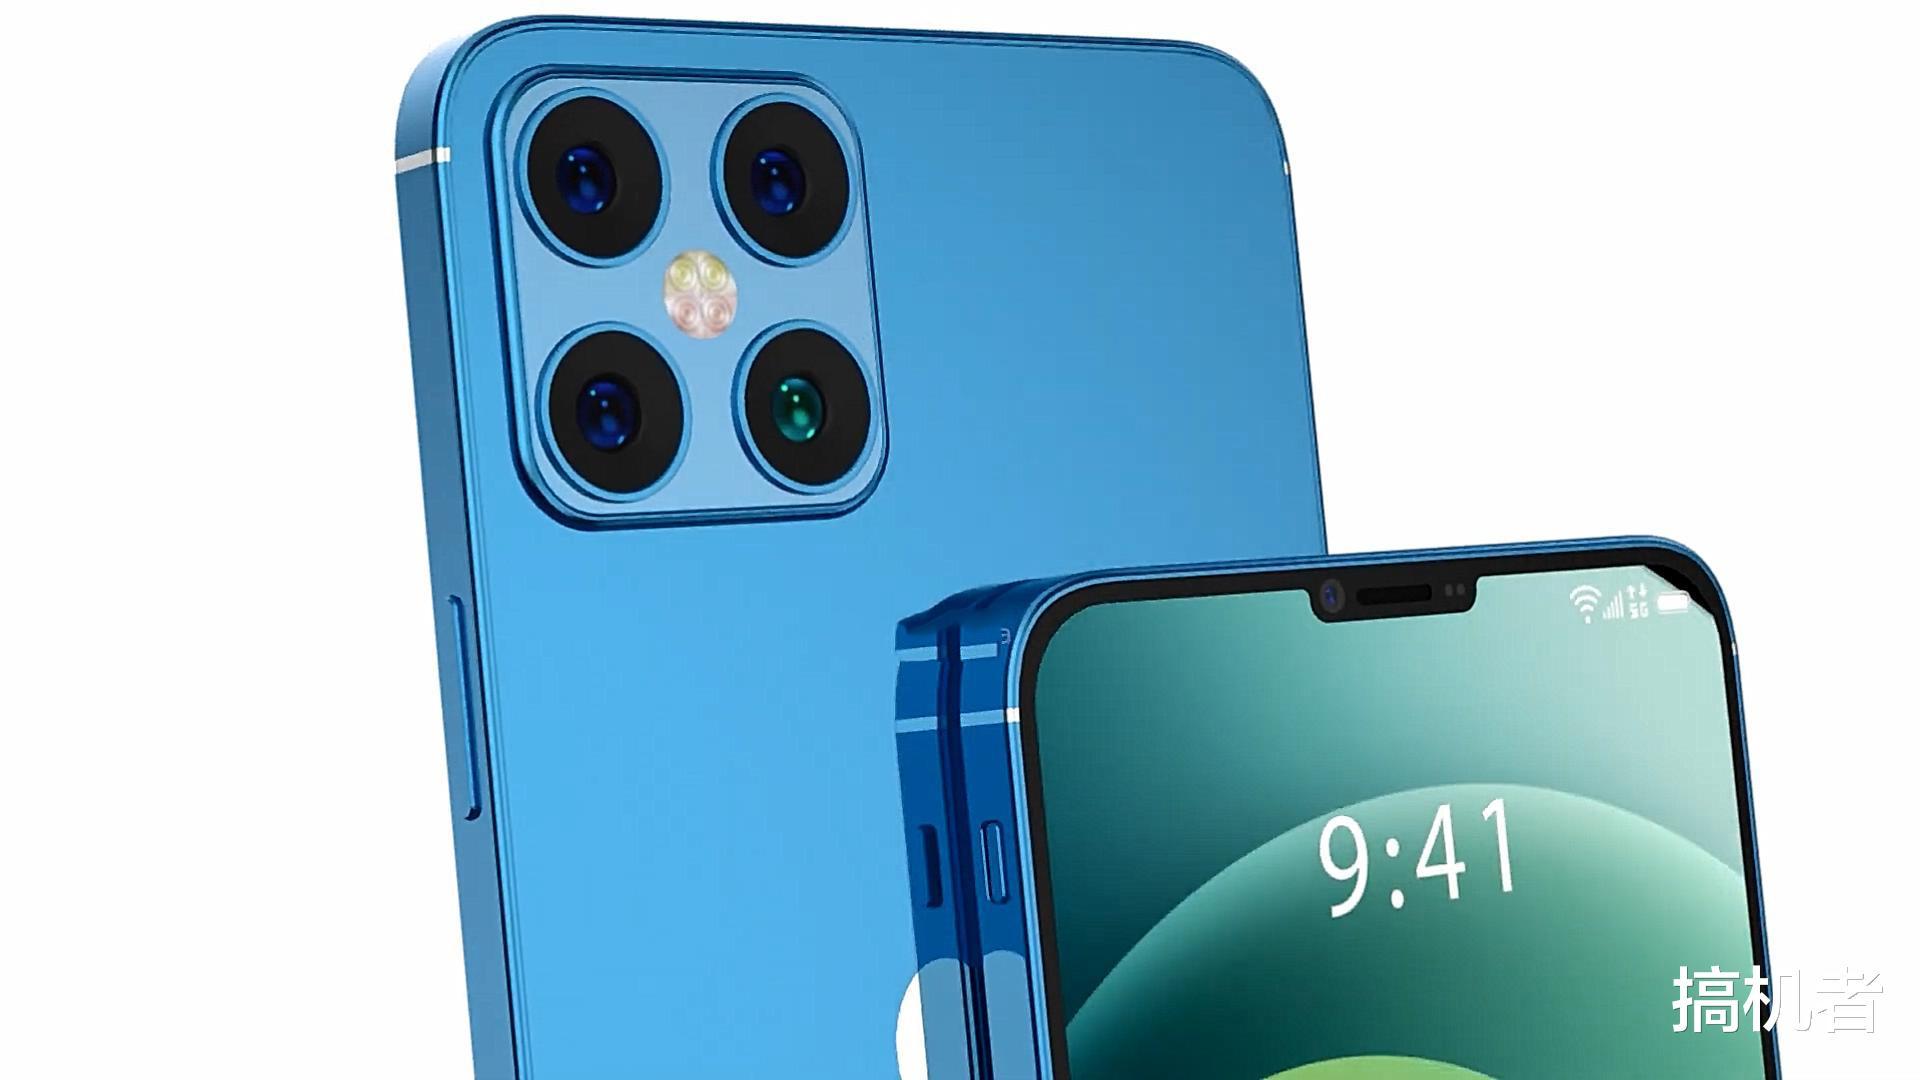 这些变化让iPhone13Pro发布,你觉得卖多少钱合适呢? 好物评测 第2张